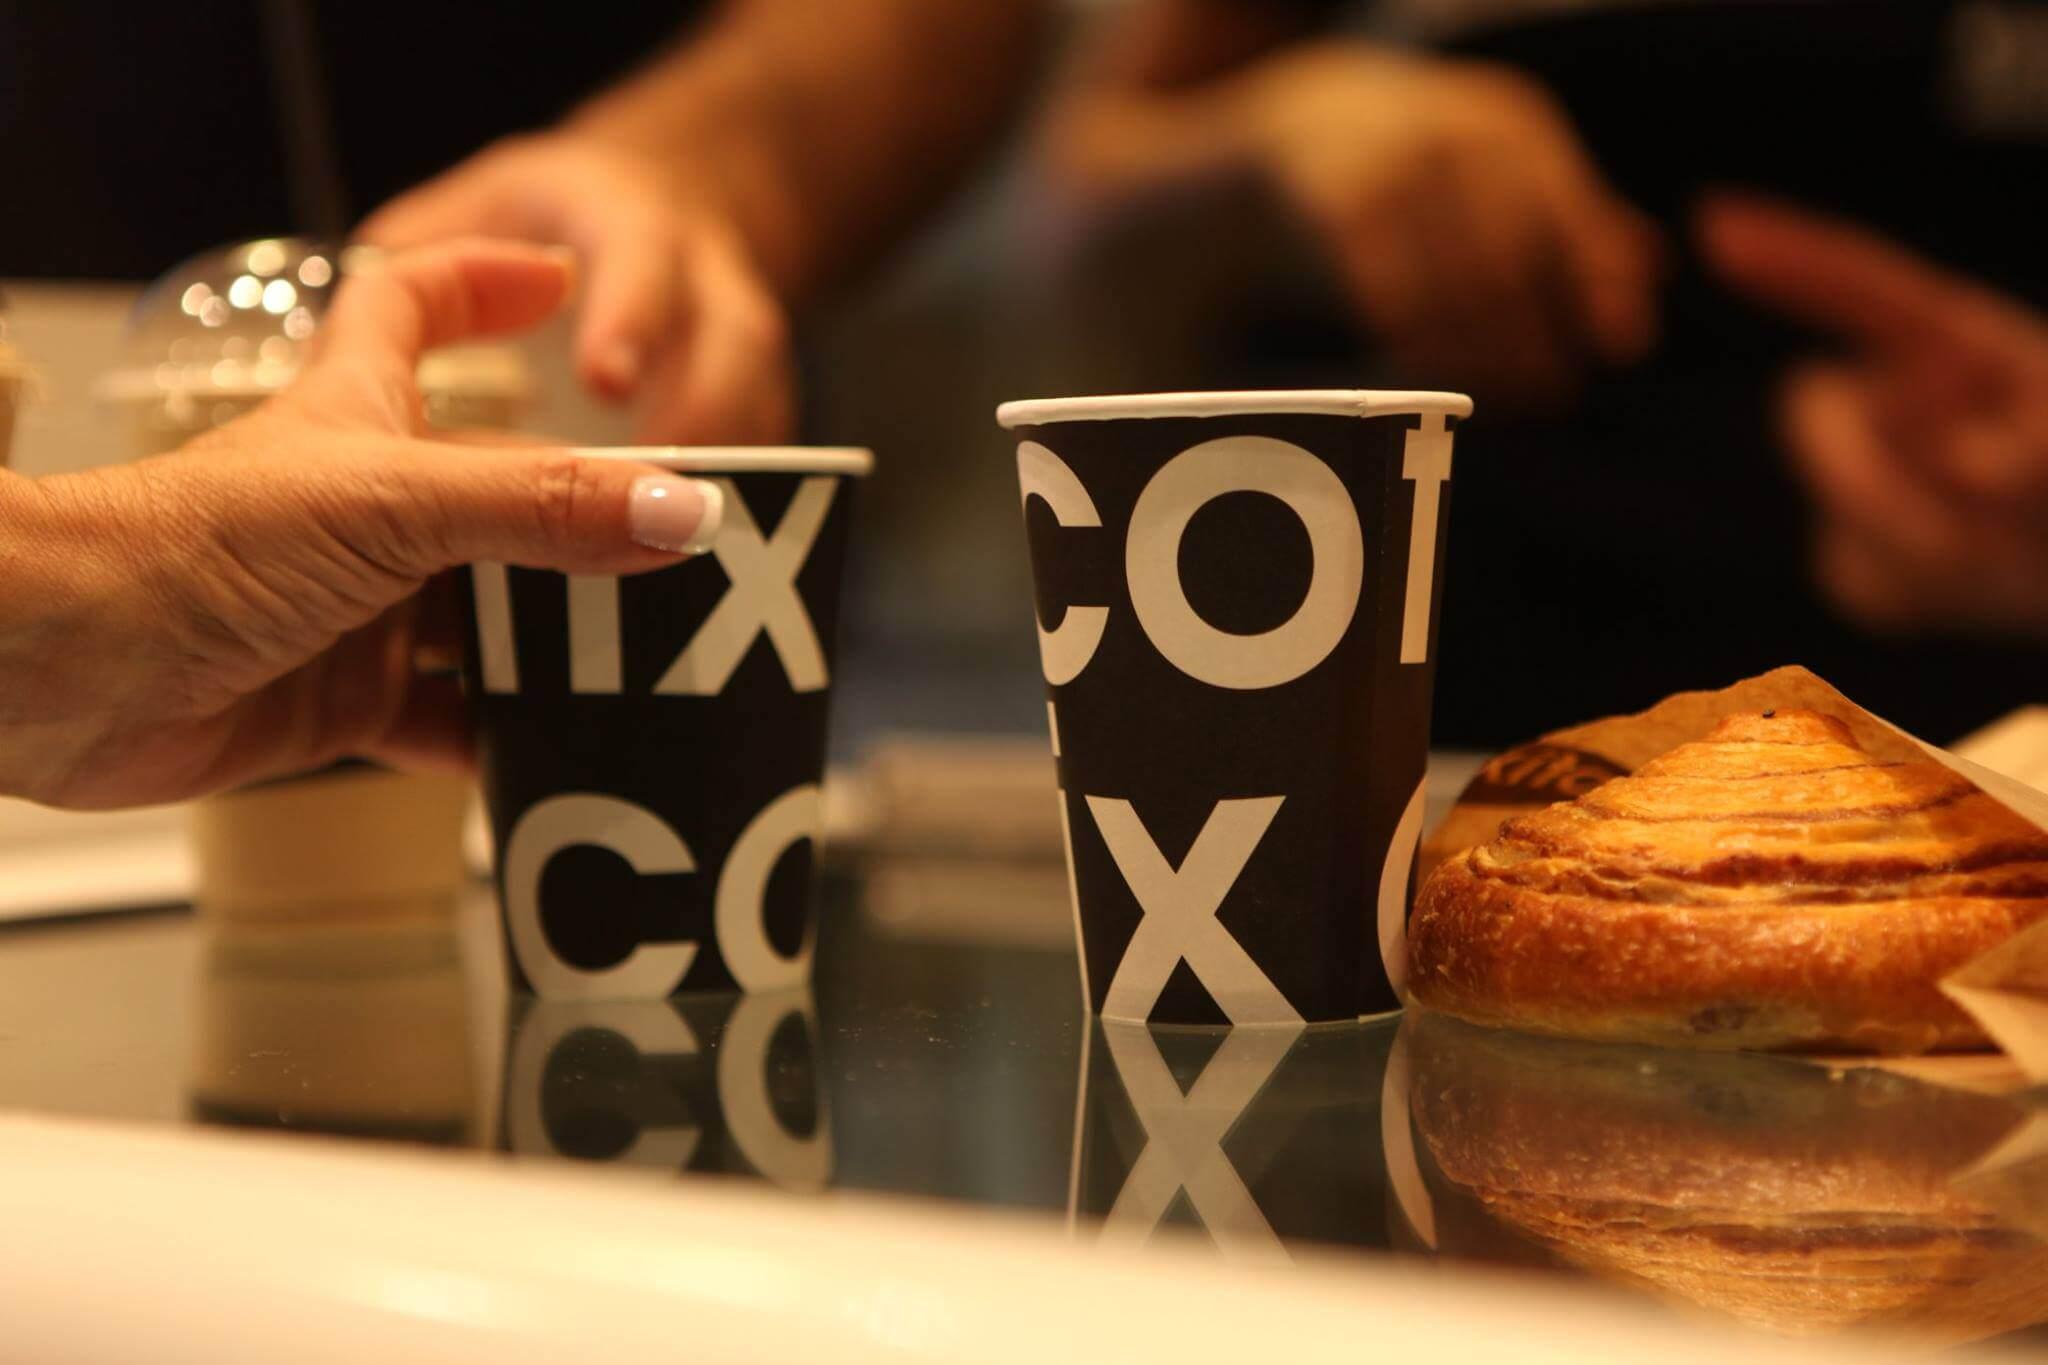 Израильская сеть кофеен одной цены Cofix появится вПетербурге